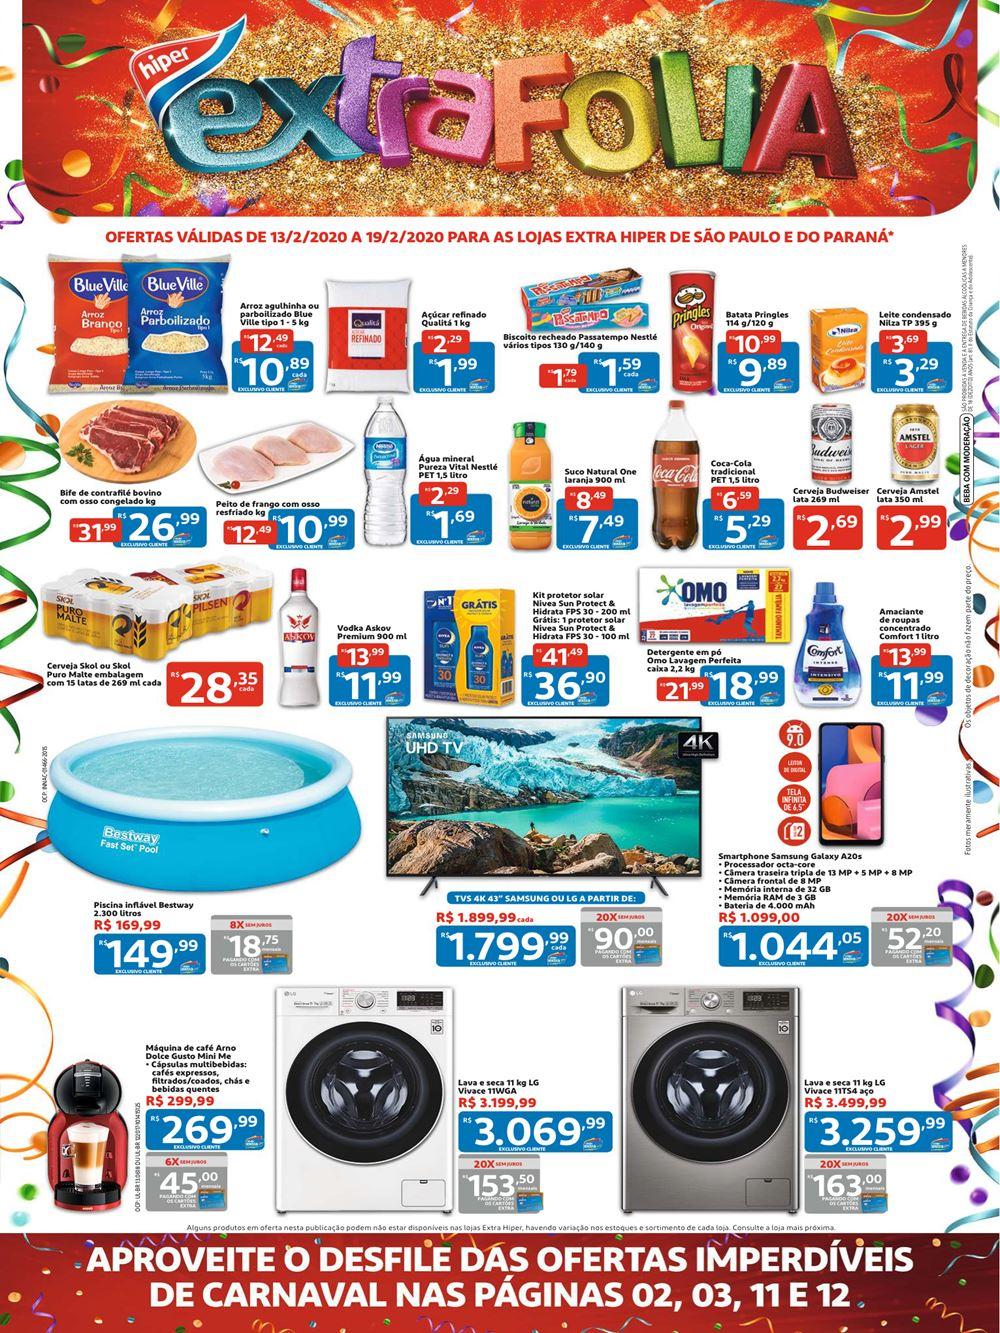 Extra-Ofertas-Hiper1-2 Novo Folheto Extra Hiper confira ofertas até 19 de Fevereiro